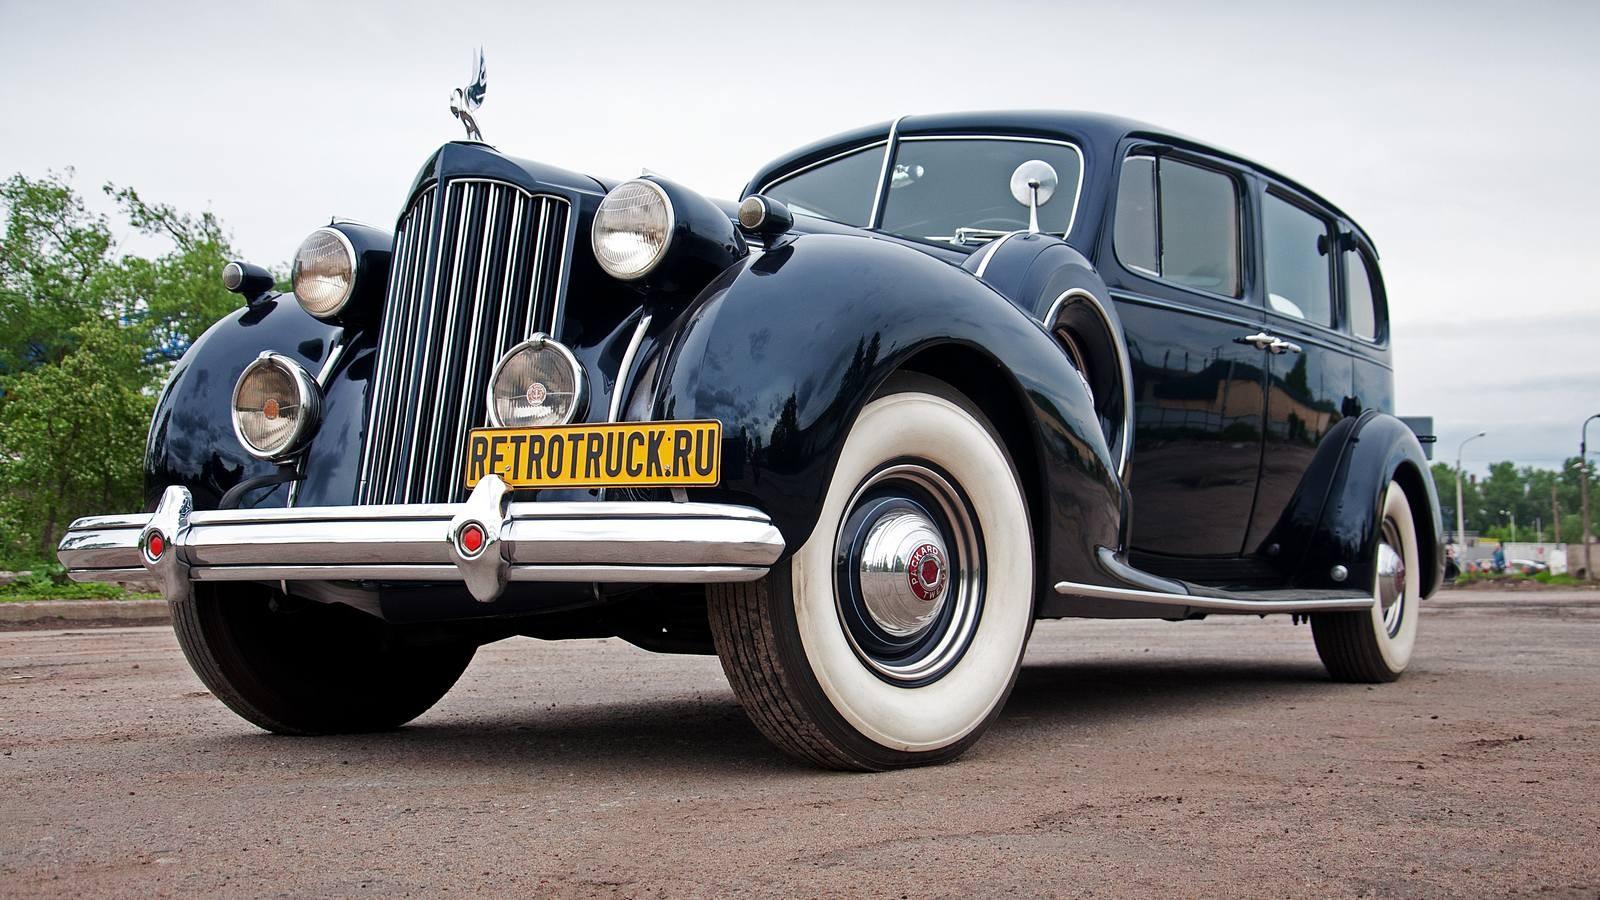 Packard в частные руки попадал очень редко. Пожалуй, самый известный Паккард в руках частника - это Super Eight, который в 1937 году привёз из США Валерий Чкалов. Простые люди на таких машинах не ездили.Ну, с русским графом, Сталиным и Чкаловым разобрались. Остался последний вопрос: какое отношение к Паккарду имеет Уильям Боинг? Ответ простой: вот эту самую машину, на которой мы сегодня будем ездить, в 1939 году заказал себе Боинг. Это - его лимузин. Представляете, как нам повезло?